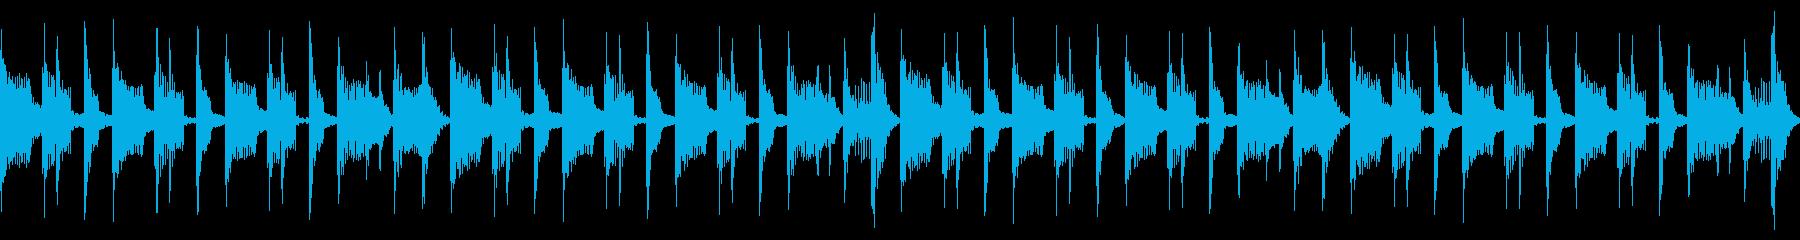 スラップベースにコミカルなフレーズの再生済みの波形